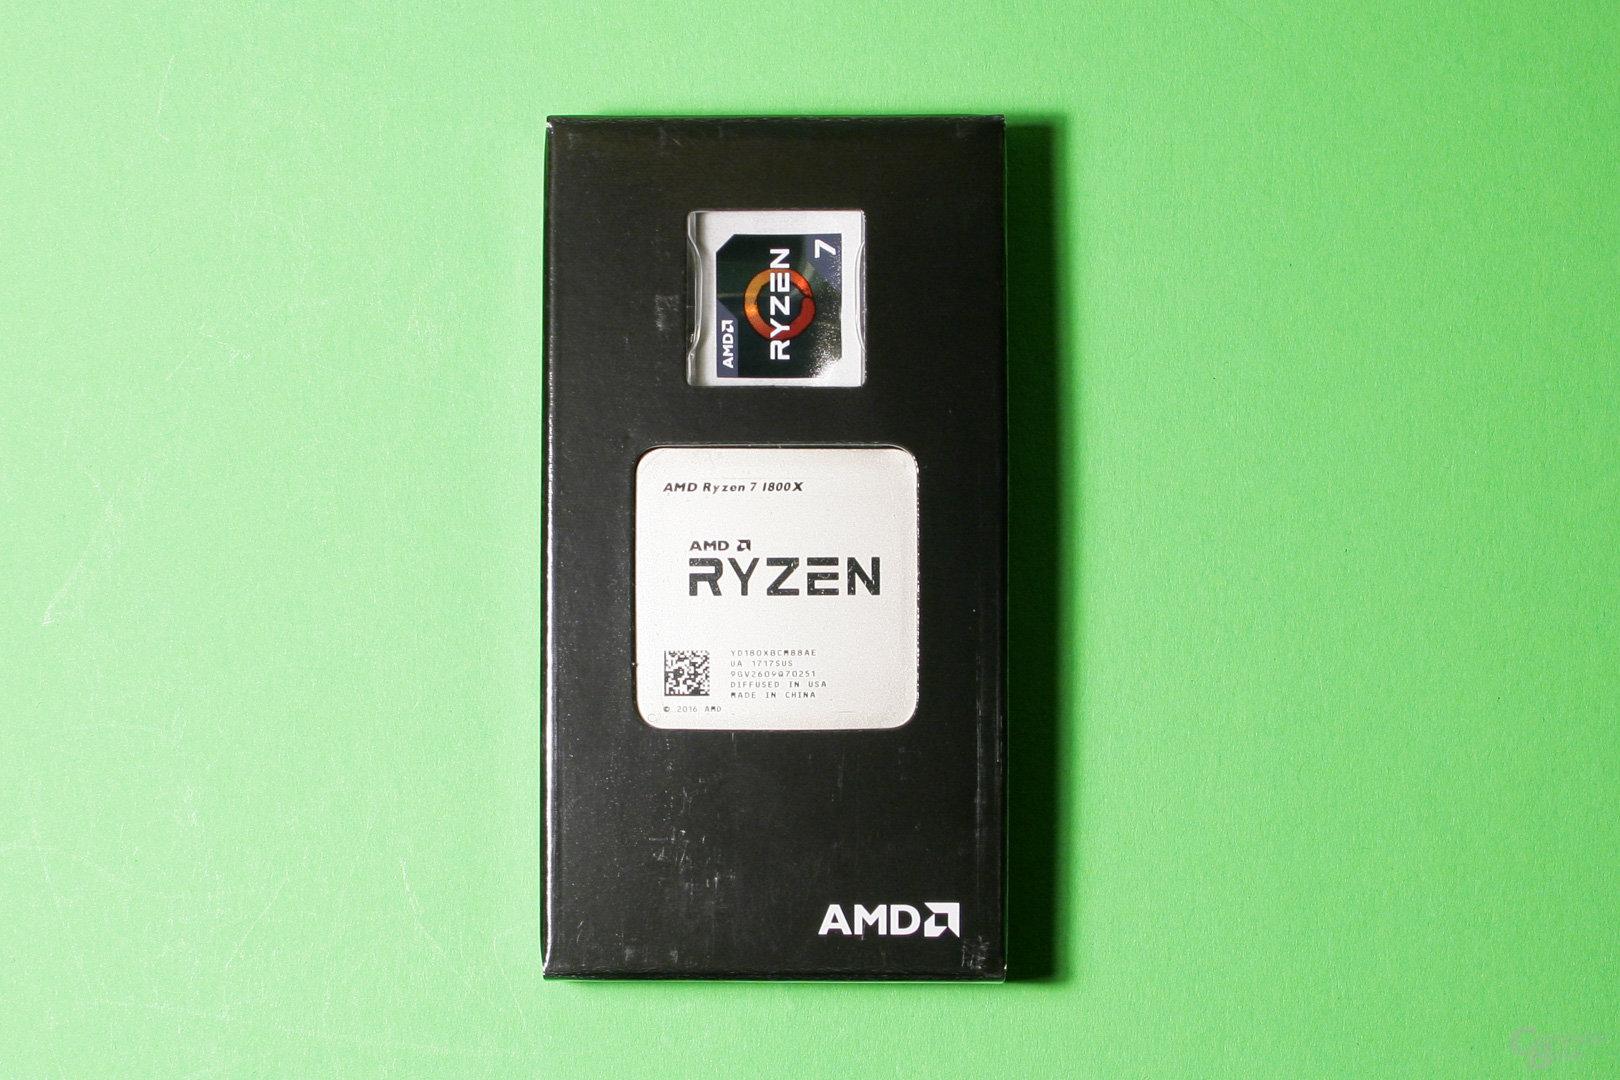 Der AMD Ryzen 7 1800X in seiner schützenden Verpackung